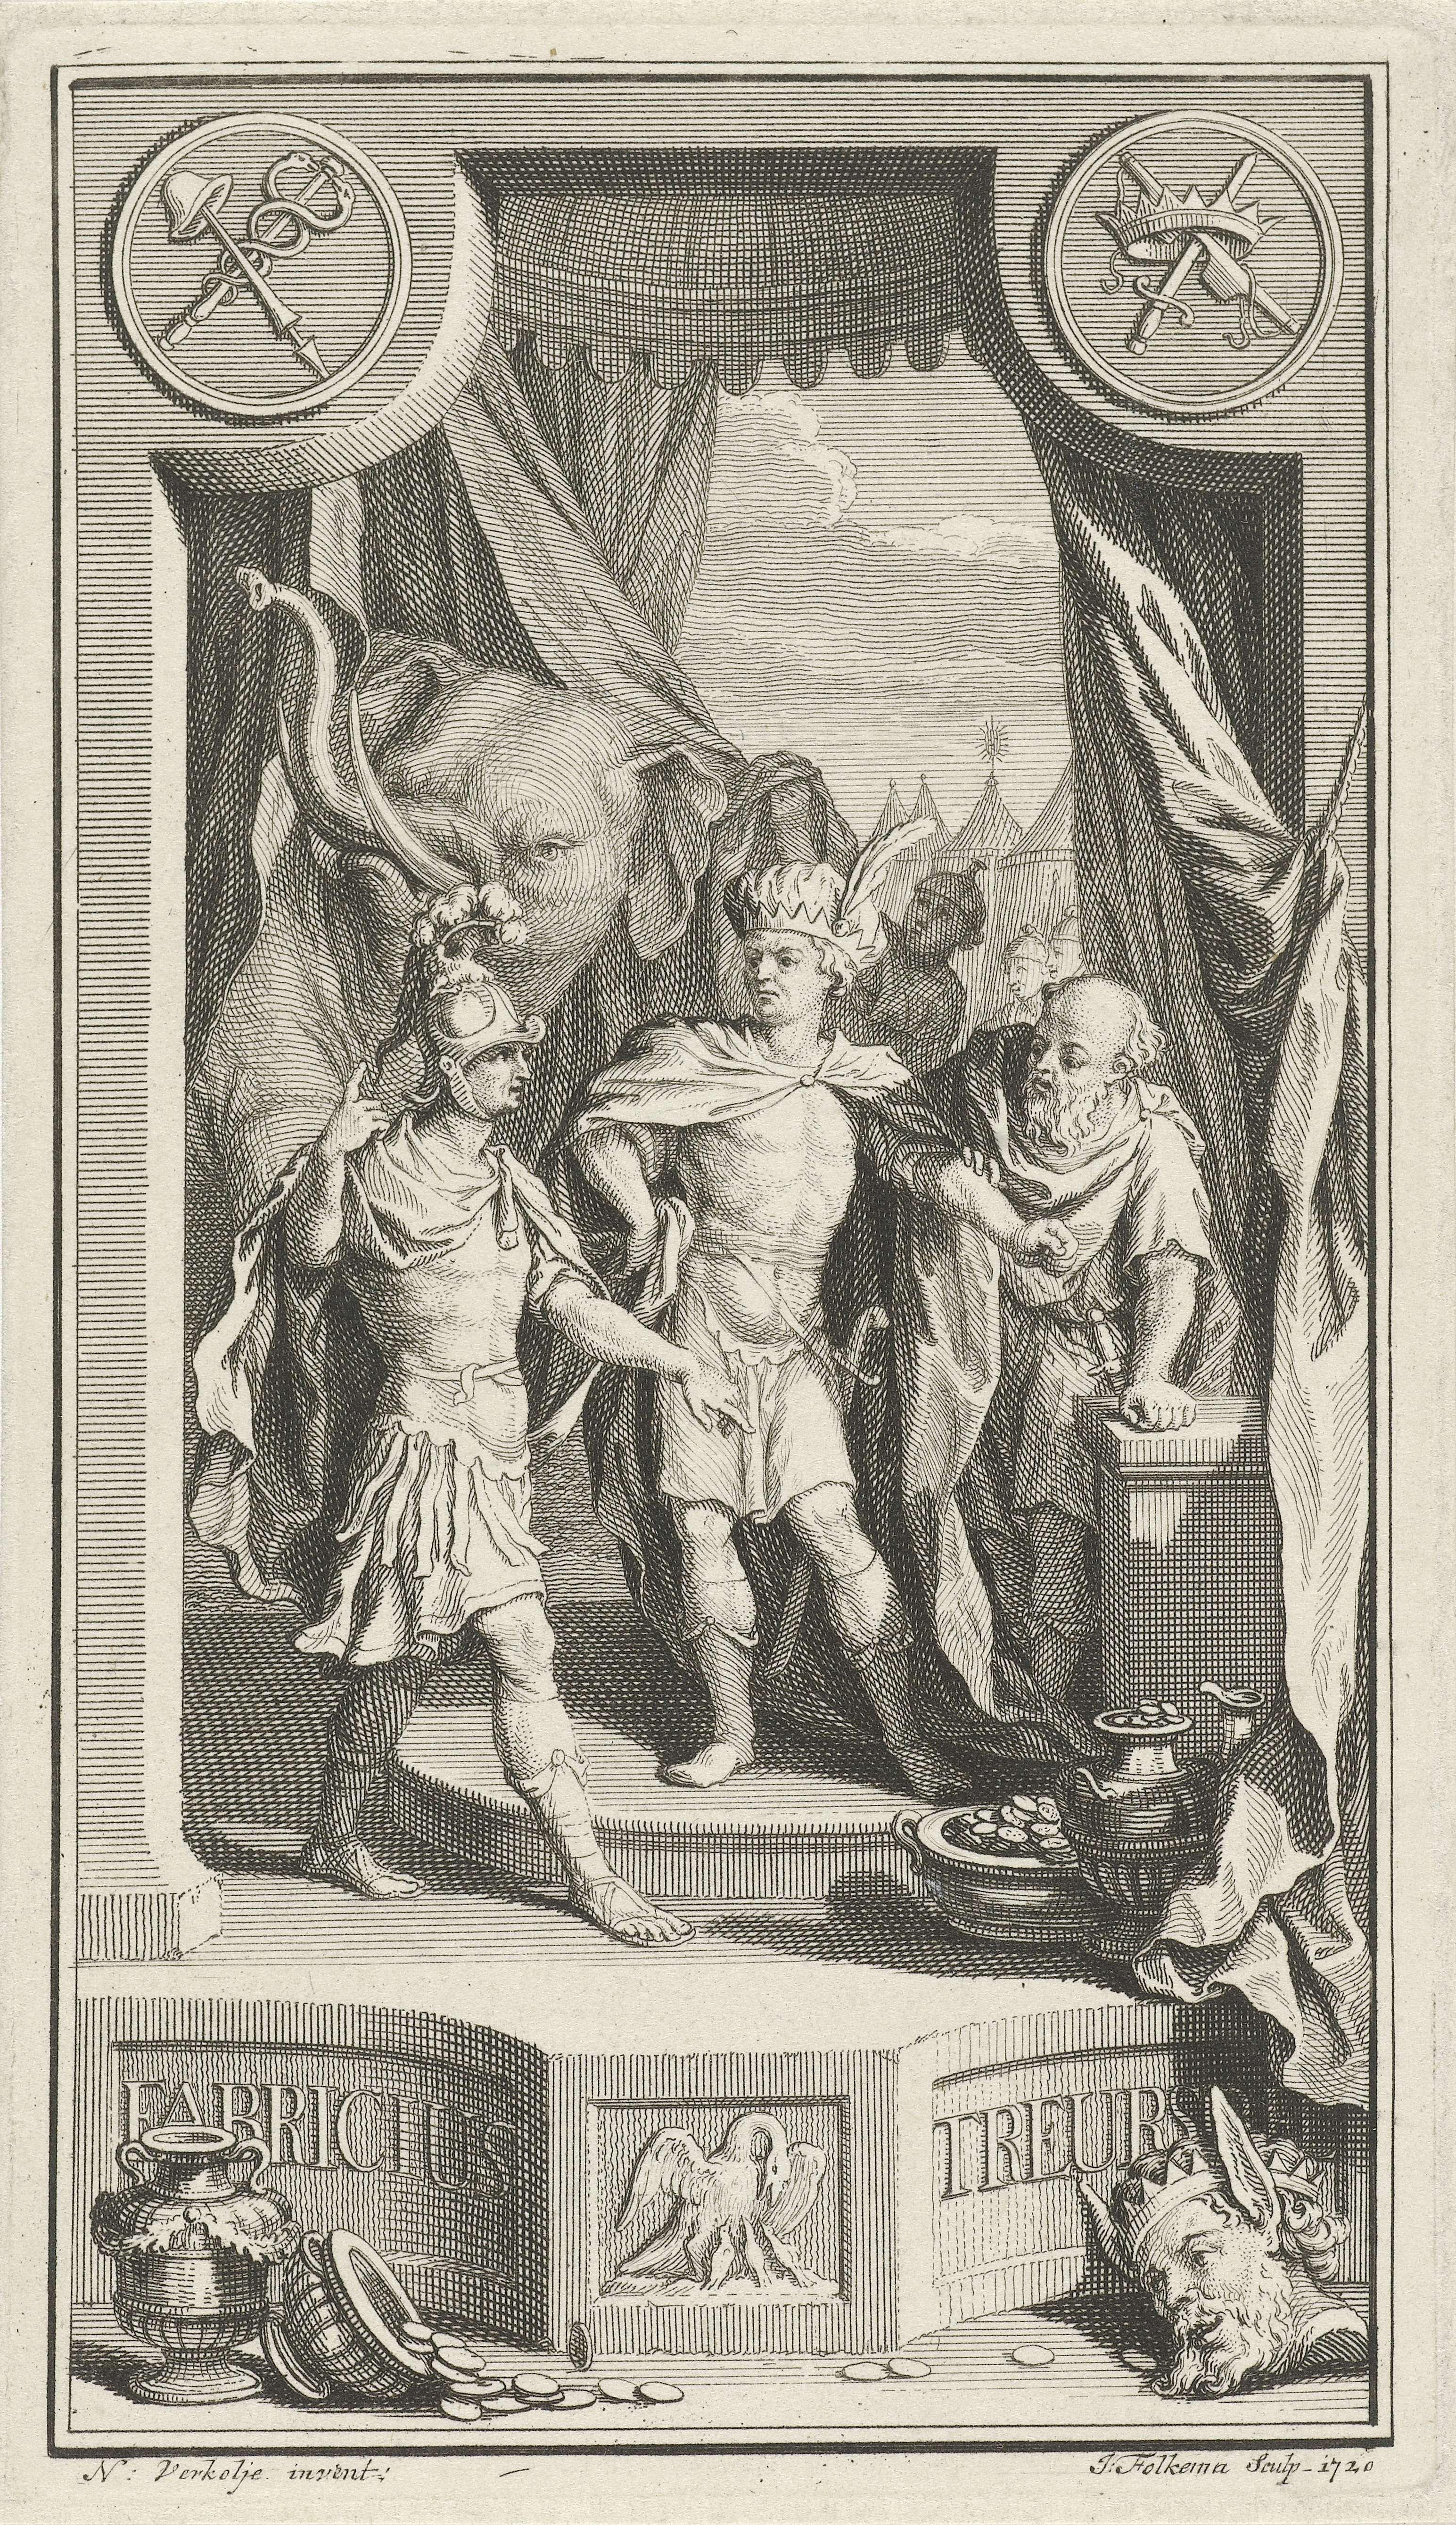 Jacob Folkema   Pyrrhus toont Gaius Fabricius Luscinus een olifant, Jacob Folkema, 1720   De Romeinse consul Gaius Fabritius Luscinus bezoekt voor vredesonderhandelingen Koning Pyrrhus, met wie de Romeinen in oorlog waren. Pyrrhus staat centraal in het midden naast een oude man in toga en kijkt geërgerd naar Gaius Fabritius Luscinus. Phyrrus doet er alles aan om hem om te kopen, maar ook van de olifant die de tent binnen komt lopen is de Romeinse consul niet onder de indruk.